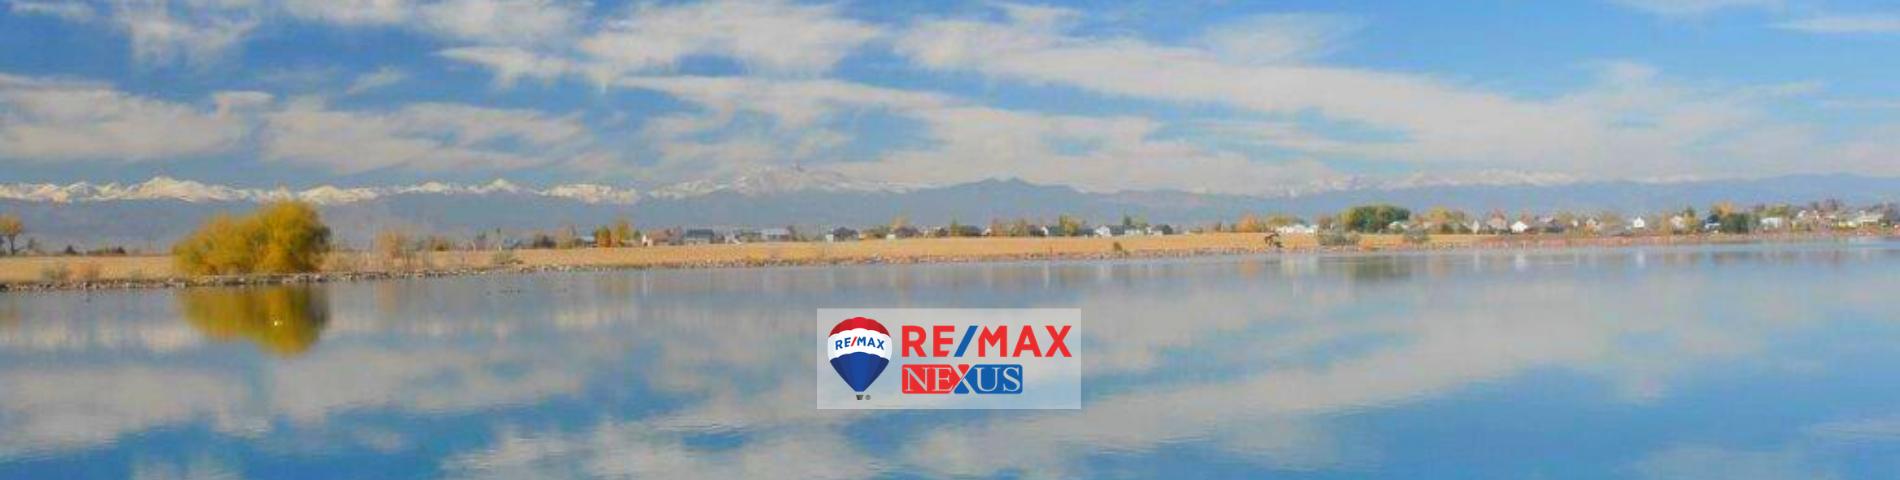 REMAX NEXUS HEADER (5)